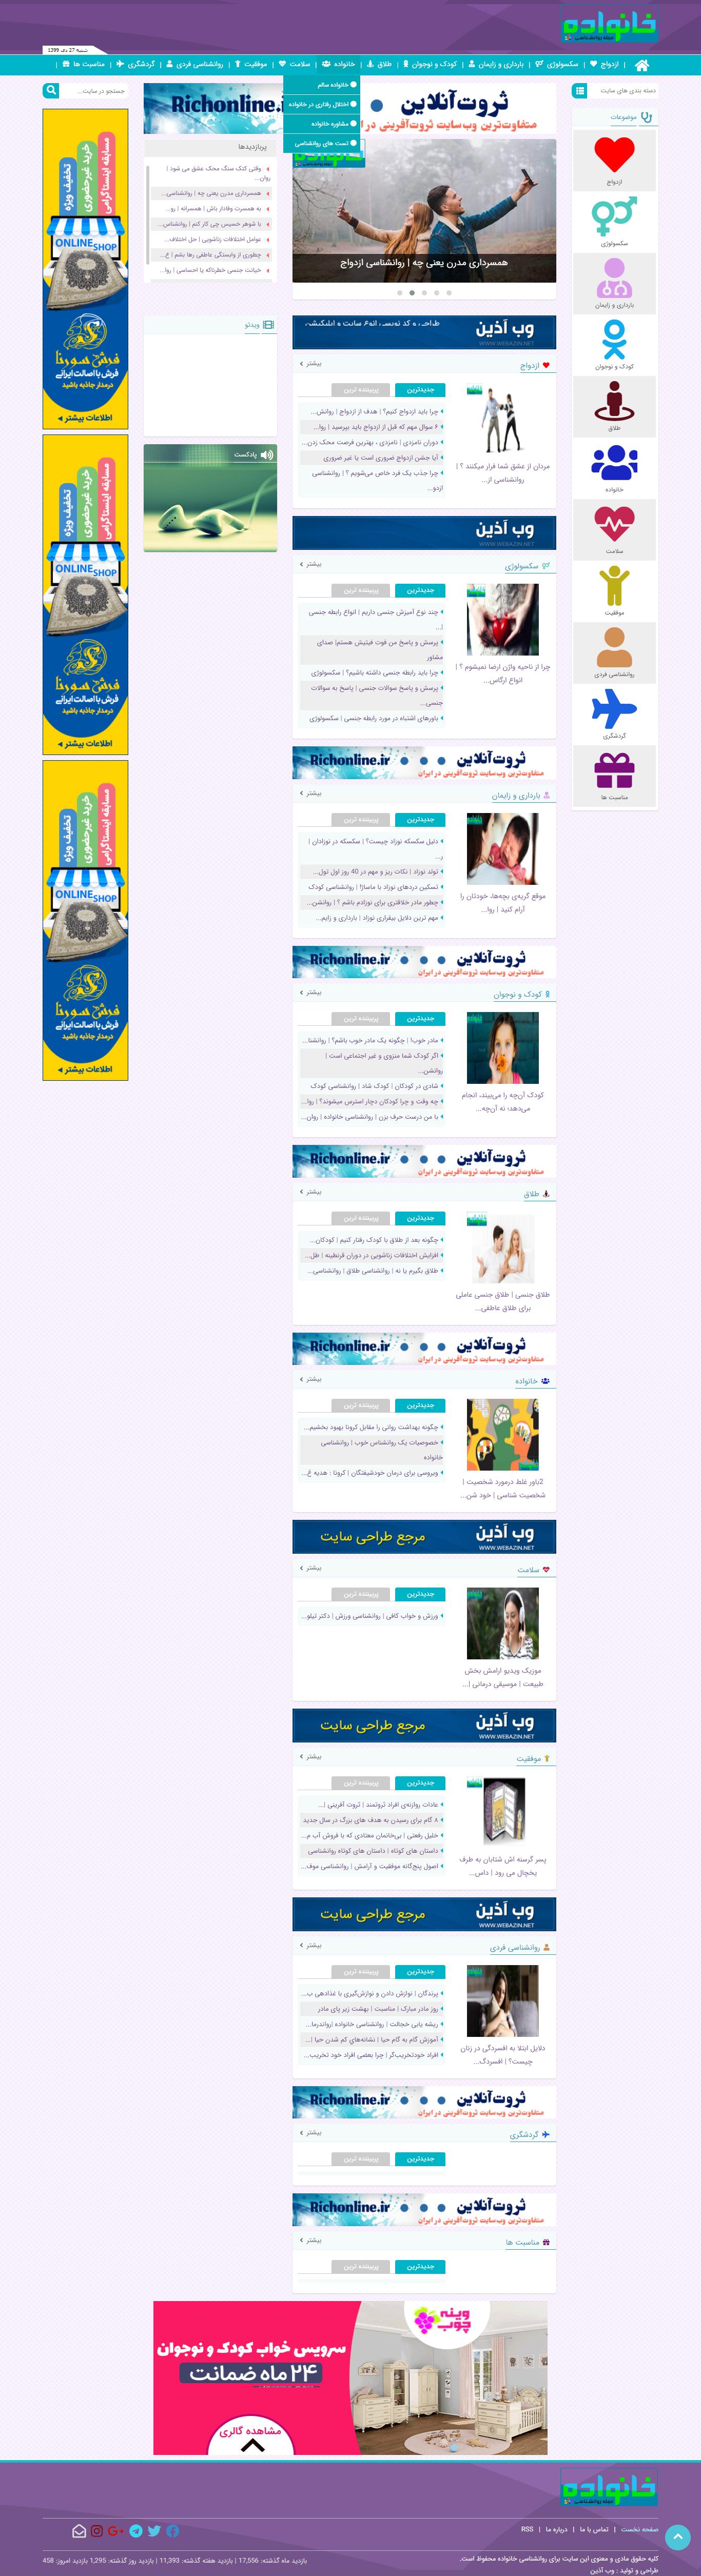 طراحی-سایت-مجله-خبری